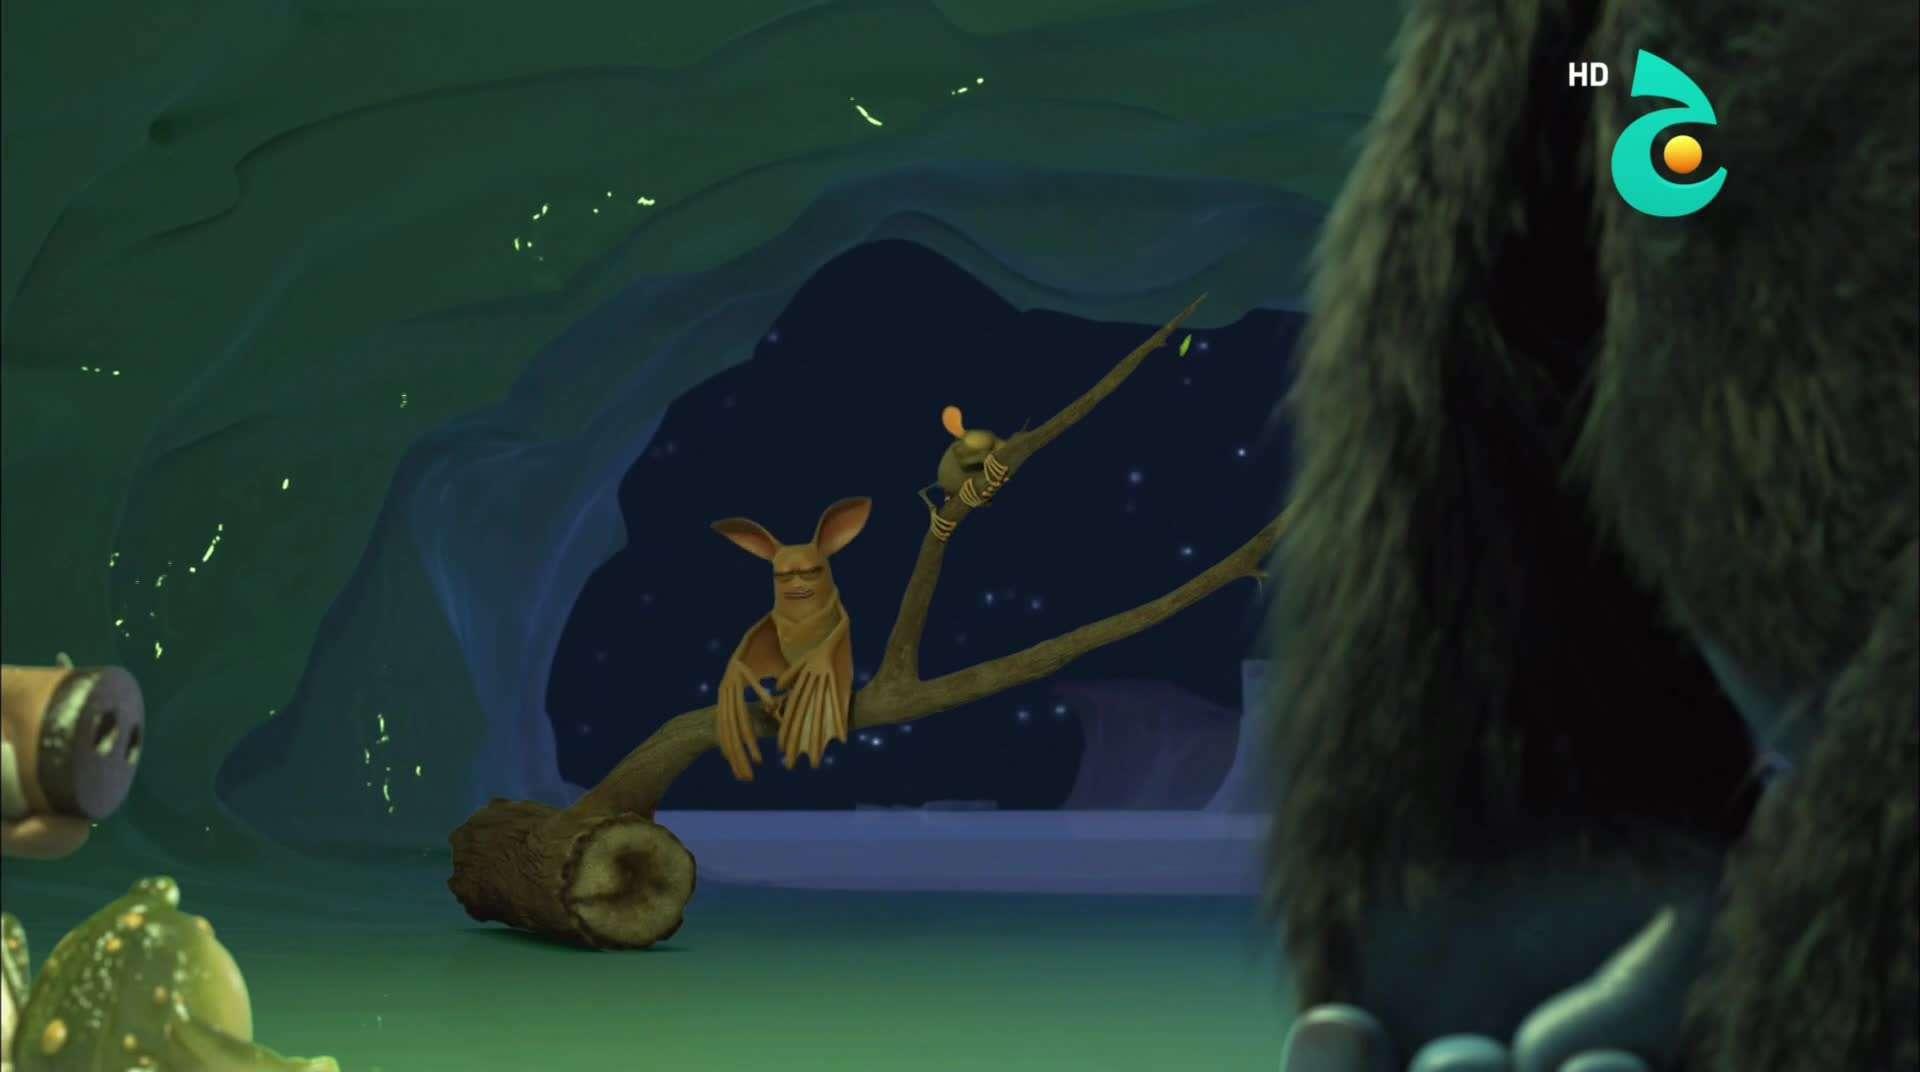 أسطورة النمر المحارب The Jungle Bunch (2011) HDTV 1080p تحميل تورنت 11 arabp2p.com